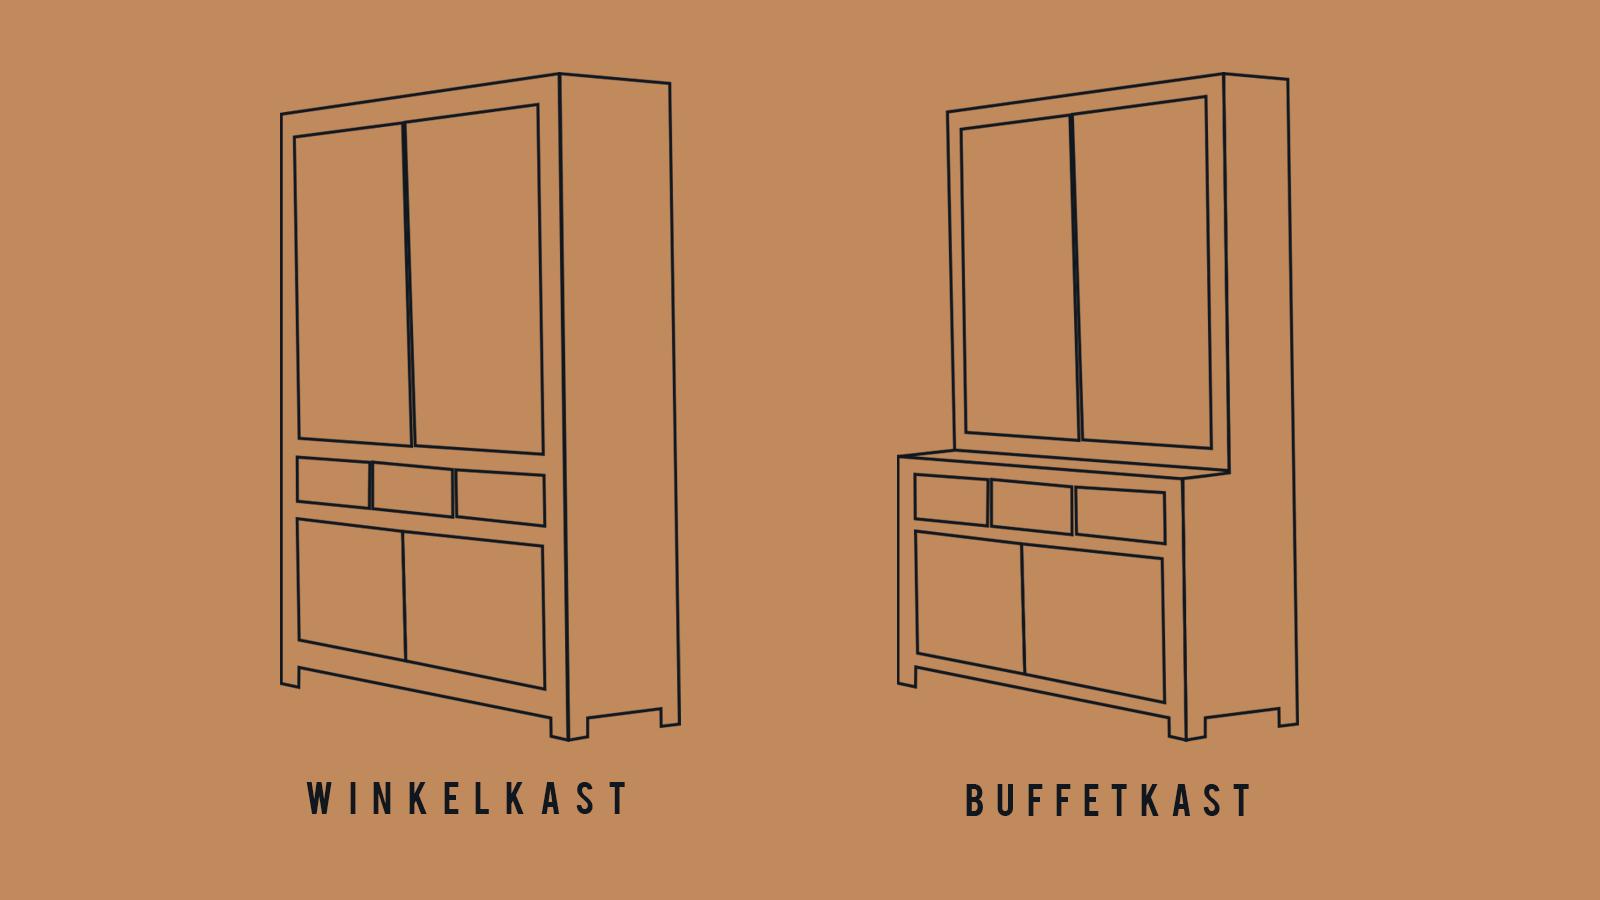 Stoks_Meubelen_Illustratie_Verschil_Winkelkast_Buffetkast_3